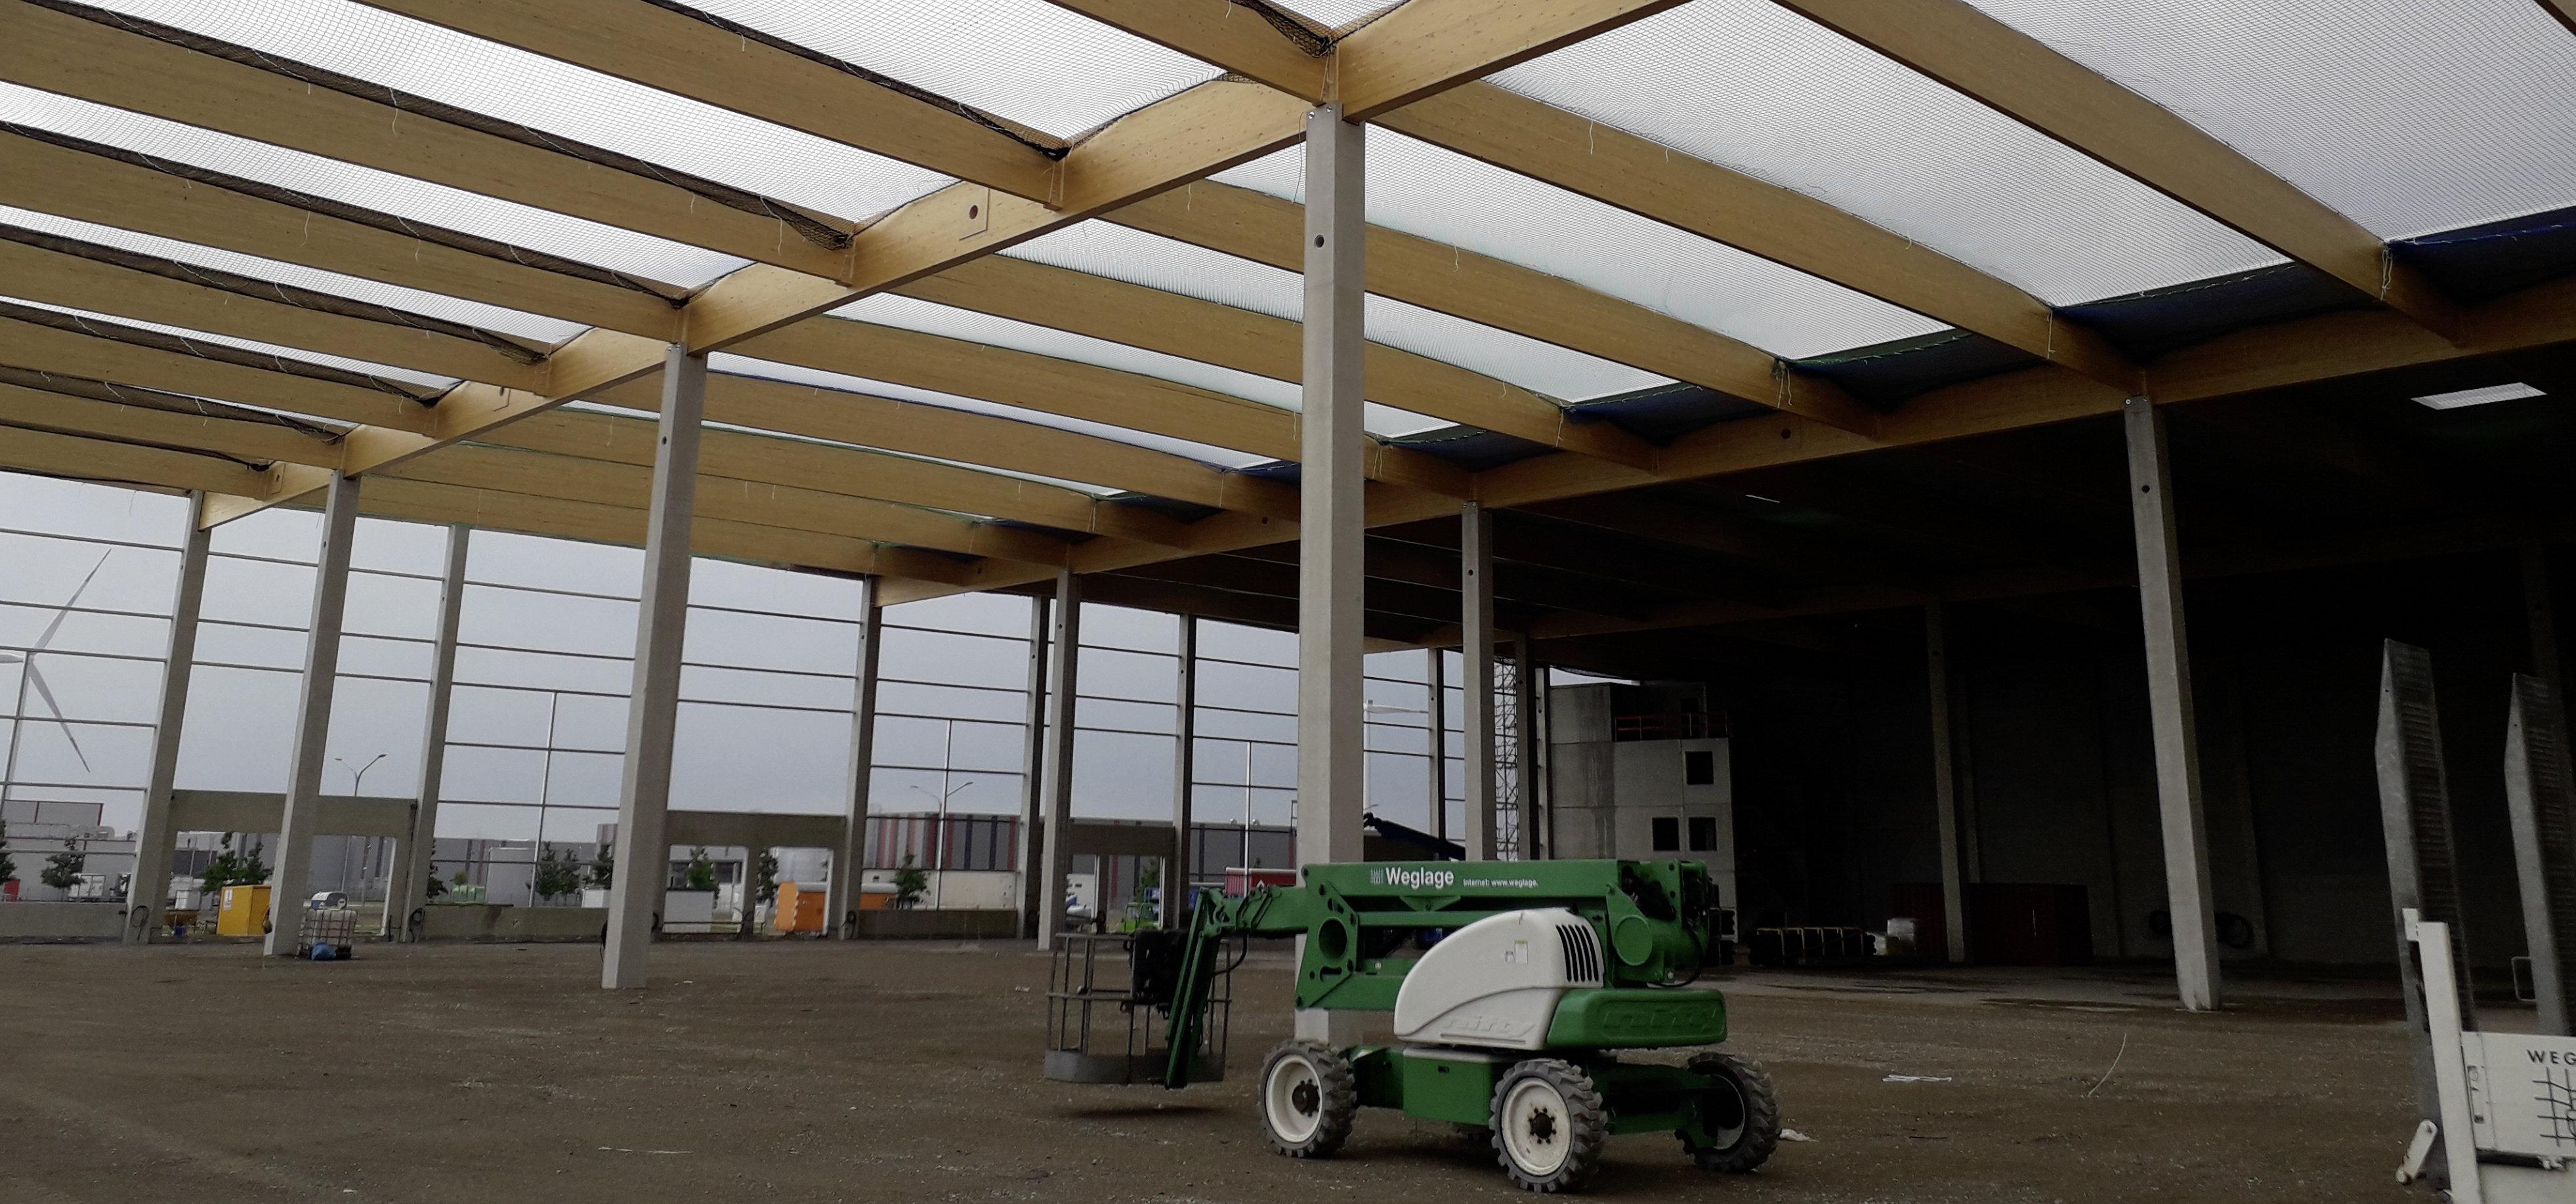 Absturzsicherung an der Dachkonstruktion eines Hallenrohbaus